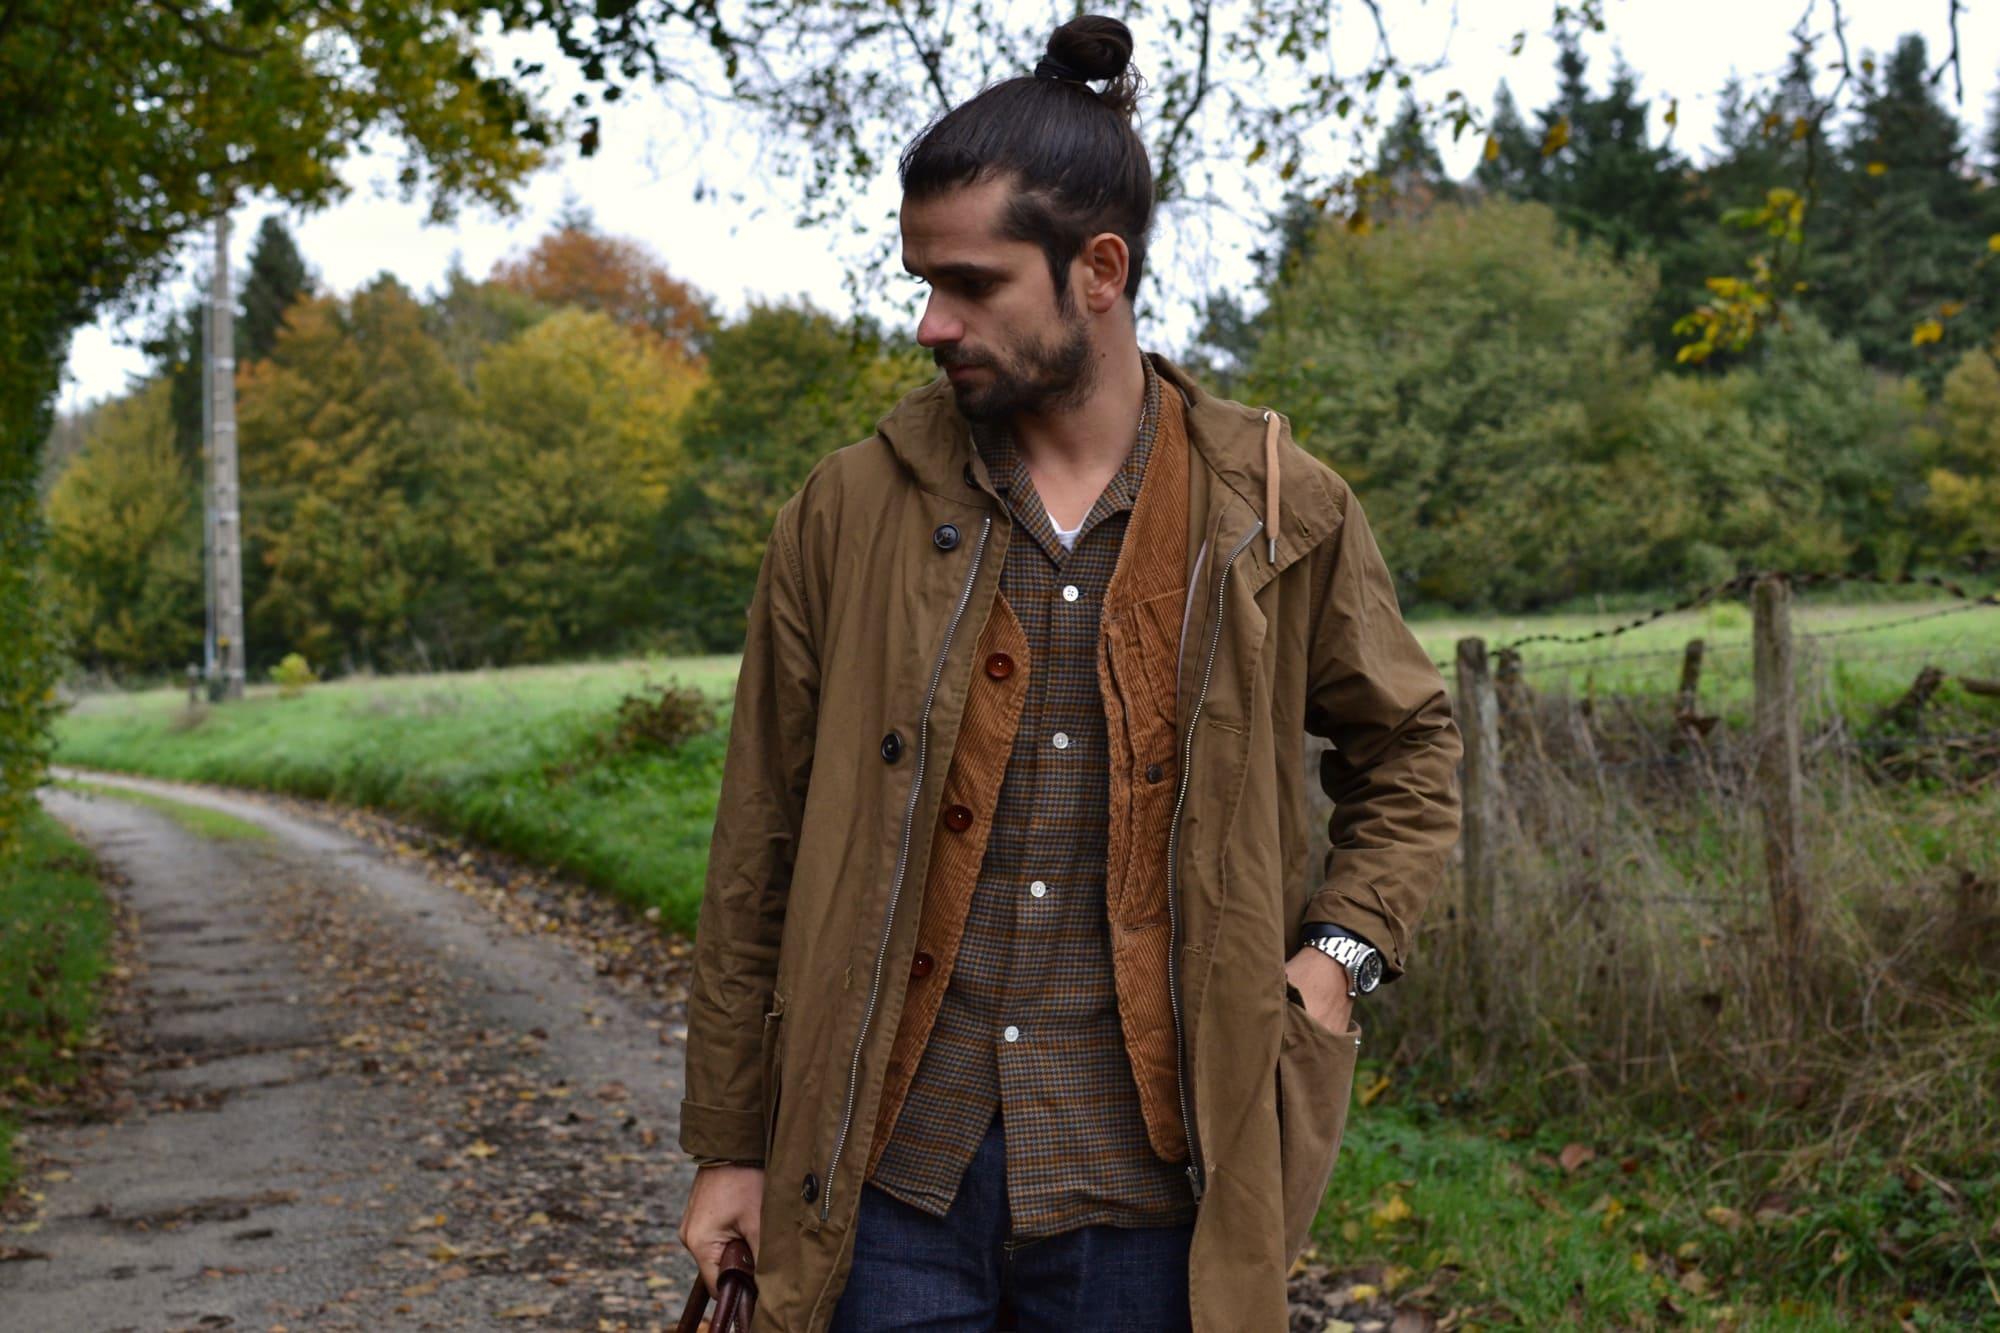 Tenue style street heritage workwear avec un jean brut selvedge en 16oz et une tenue où se mélange velours marron, motif pieds de poule et cuir végétal avec des labels comme Engineered Gamrents Phi denim ou encore Beals+ et Yuketen